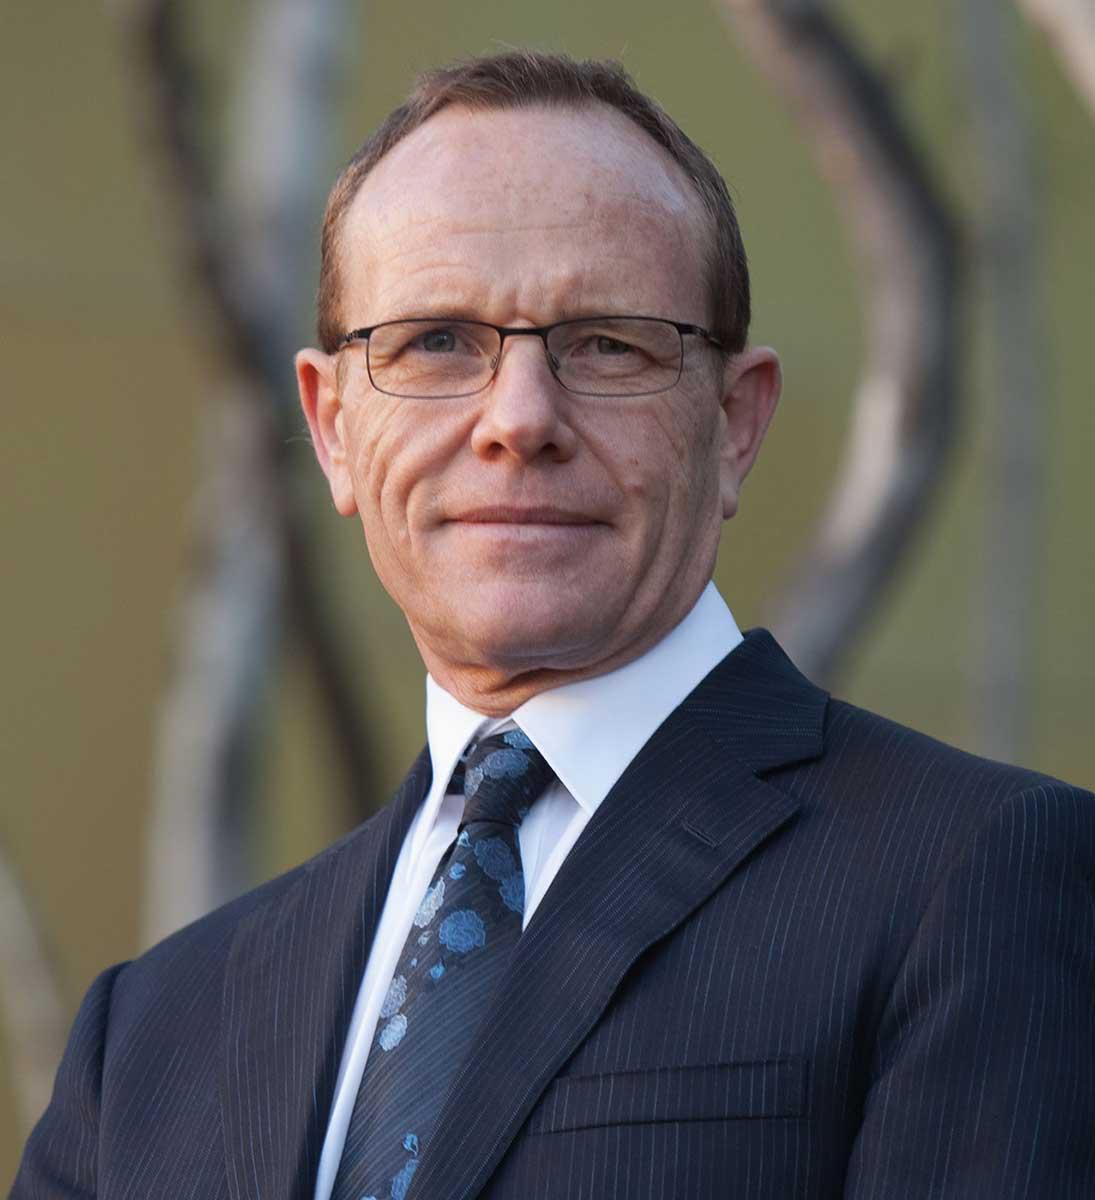 Portrait of Andrew Sayers.